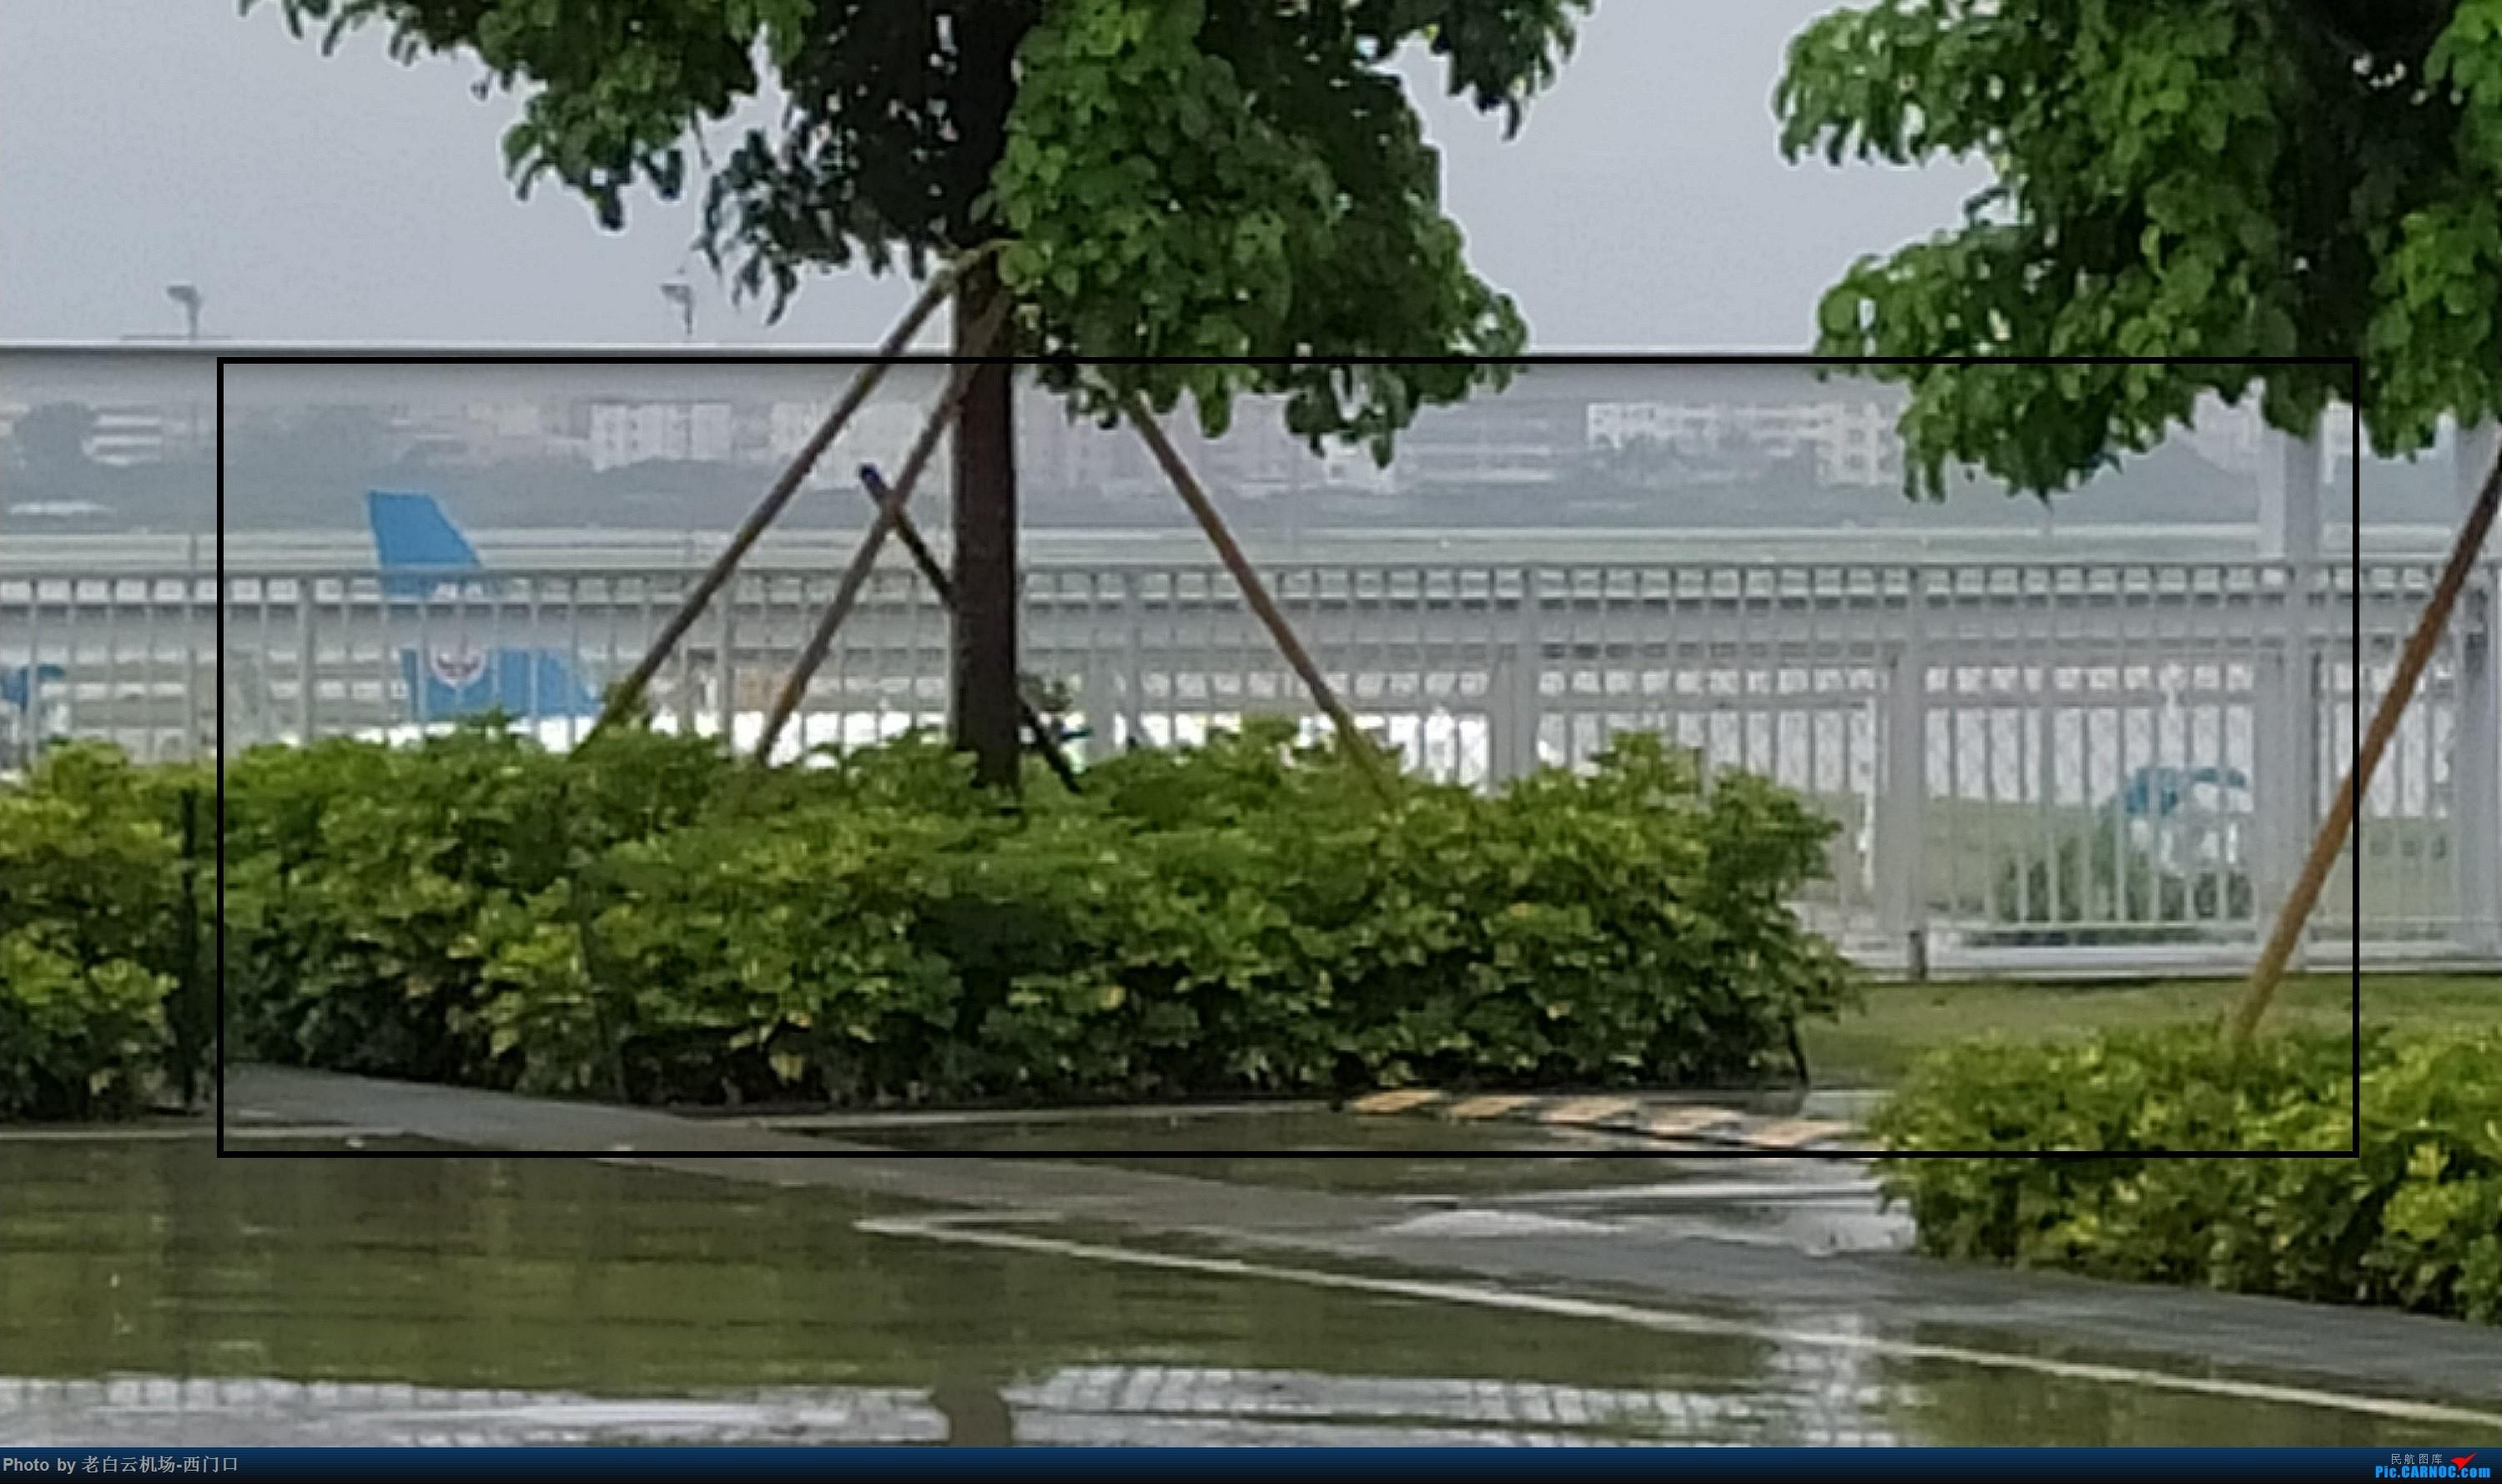 Re:[原创]【梁泽希拍机故事15】2019年第十七次拍机 AIRBUS A320-200 不明 中国广州白云国际机场